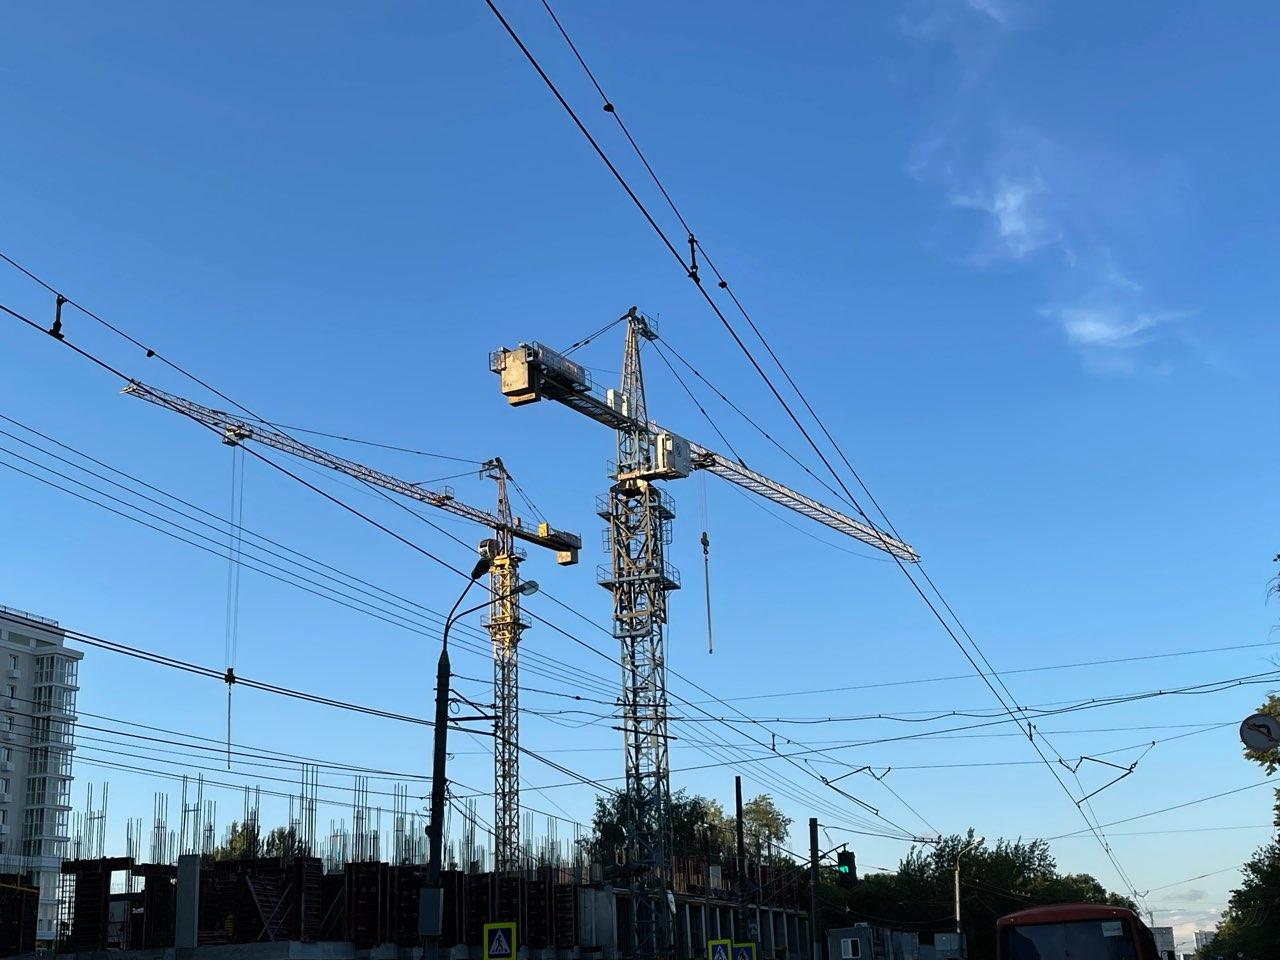 Шесть проблемных домов достроили в Нижегородской области в 2020 году - фото 1